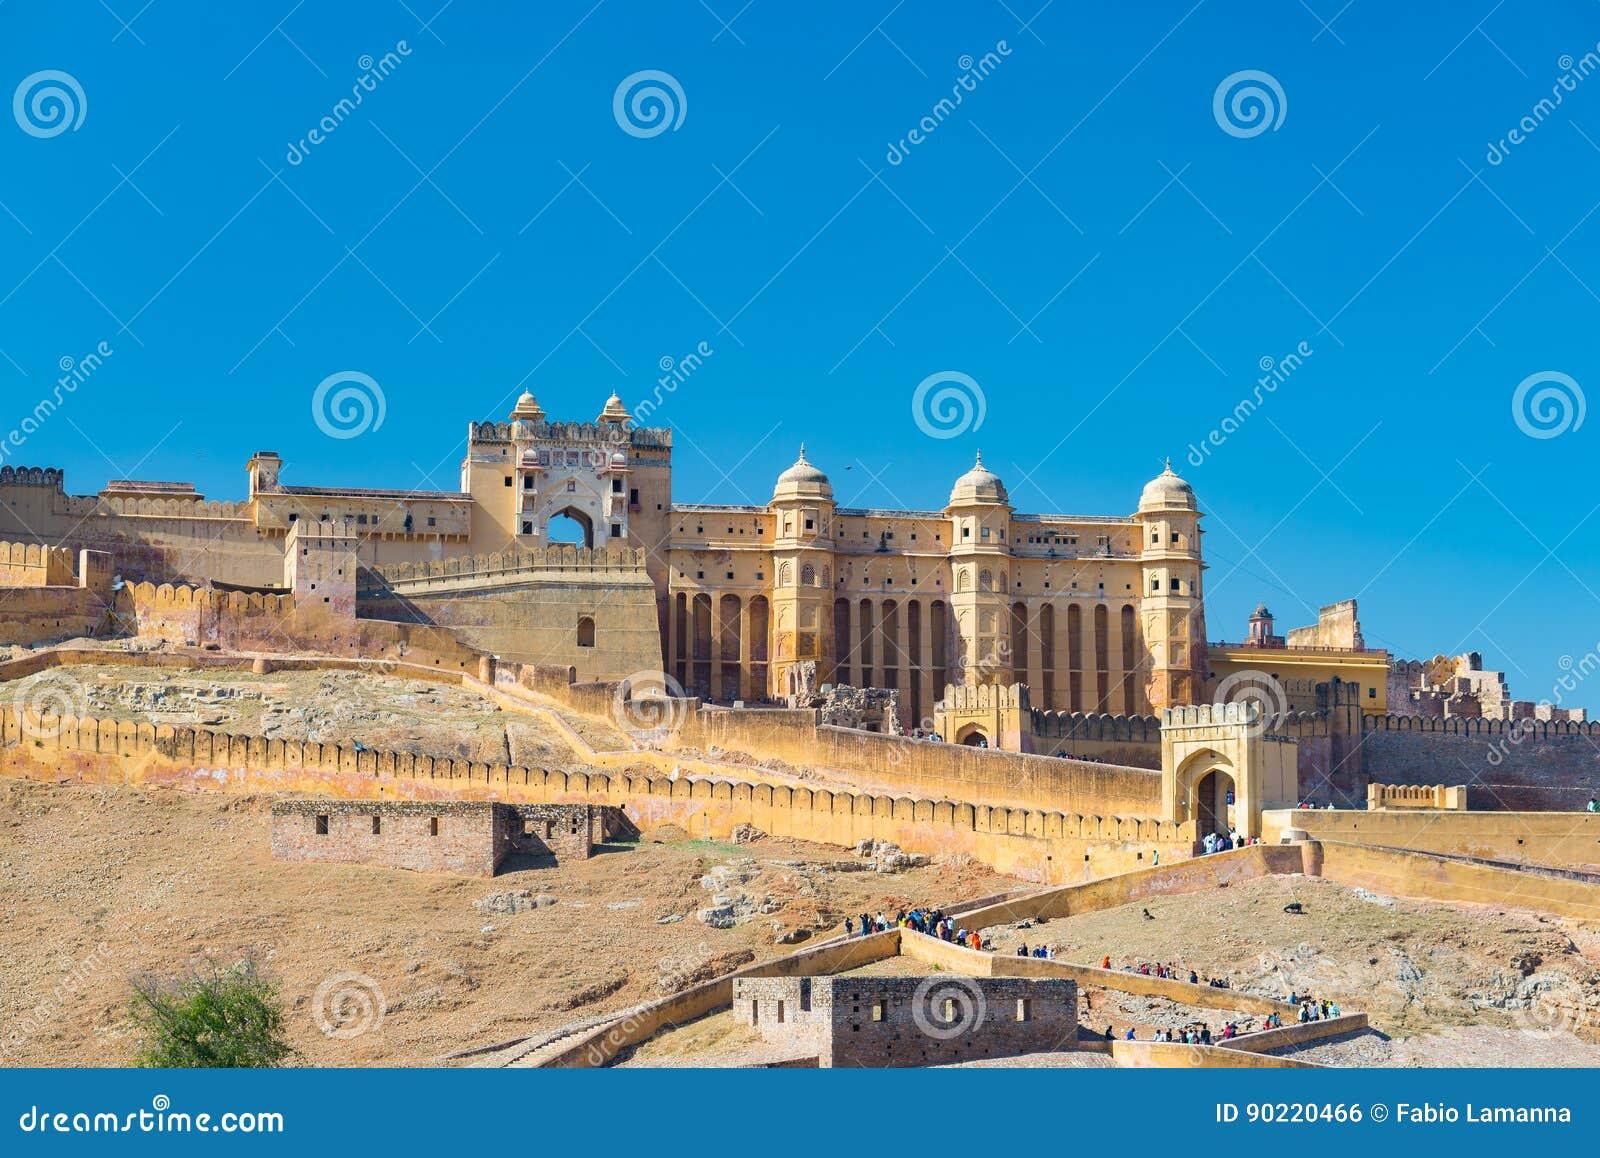 Το εντυπωσιακές τοπίο και η εικονική παράσταση πόλης στο ηλέκτρινο οχυρό,